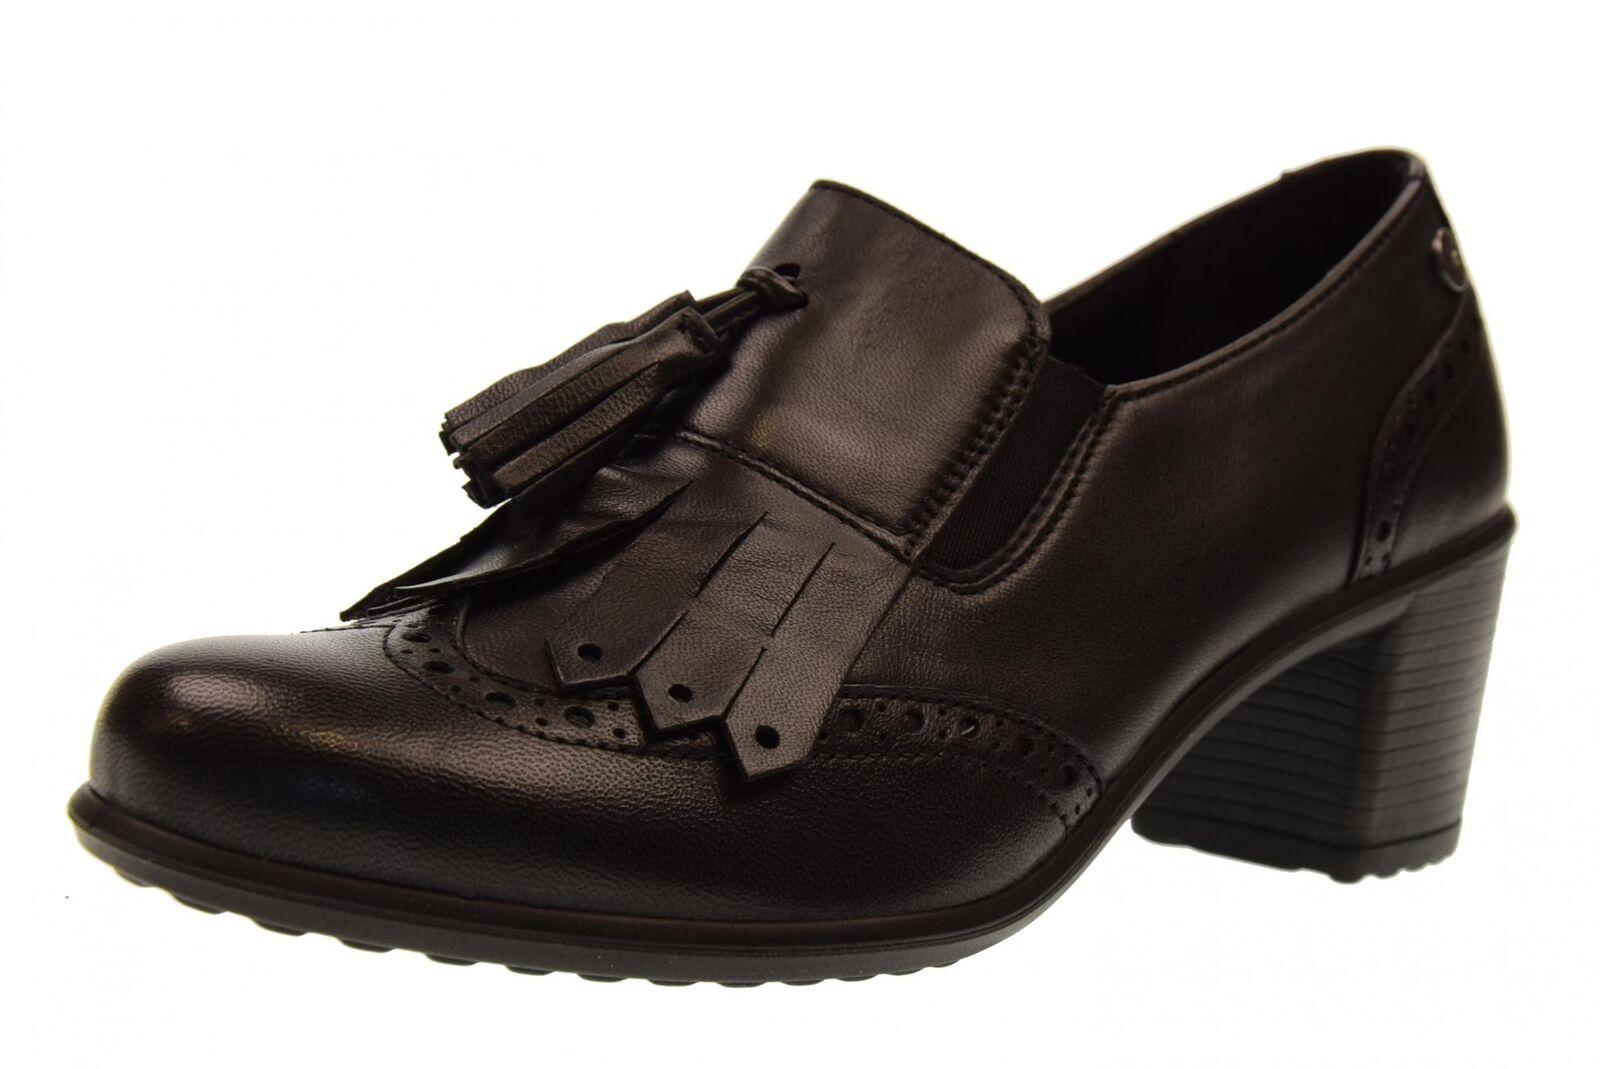 Enval Soft A18s zapatos flecos de mujer escote con flecos zapatos 2252955 c3fc62